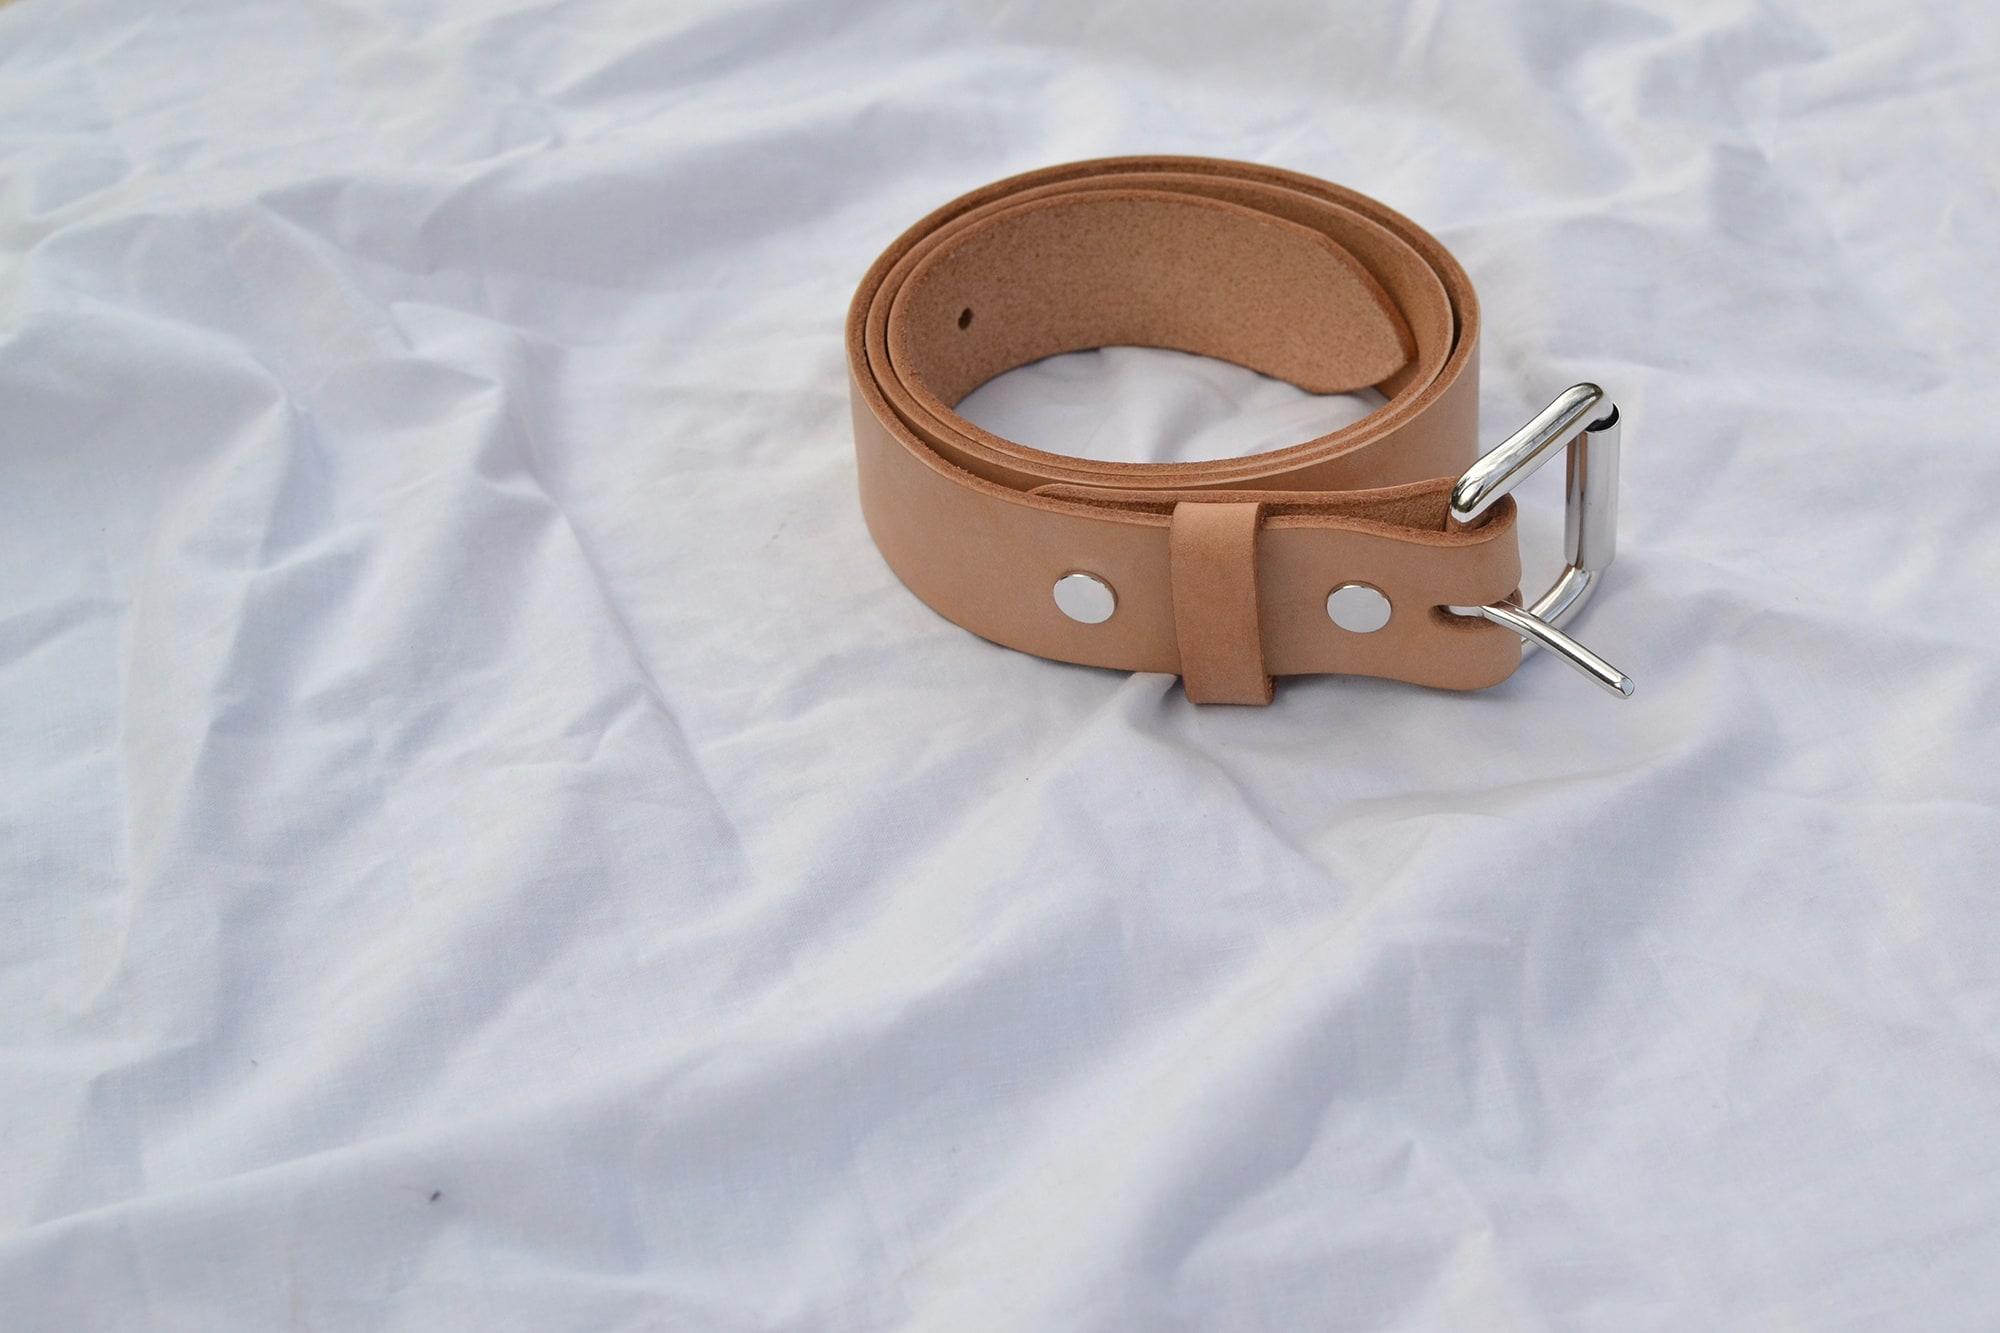 Cinture sympa bonnard en cuir naturel et boucle laiton argent